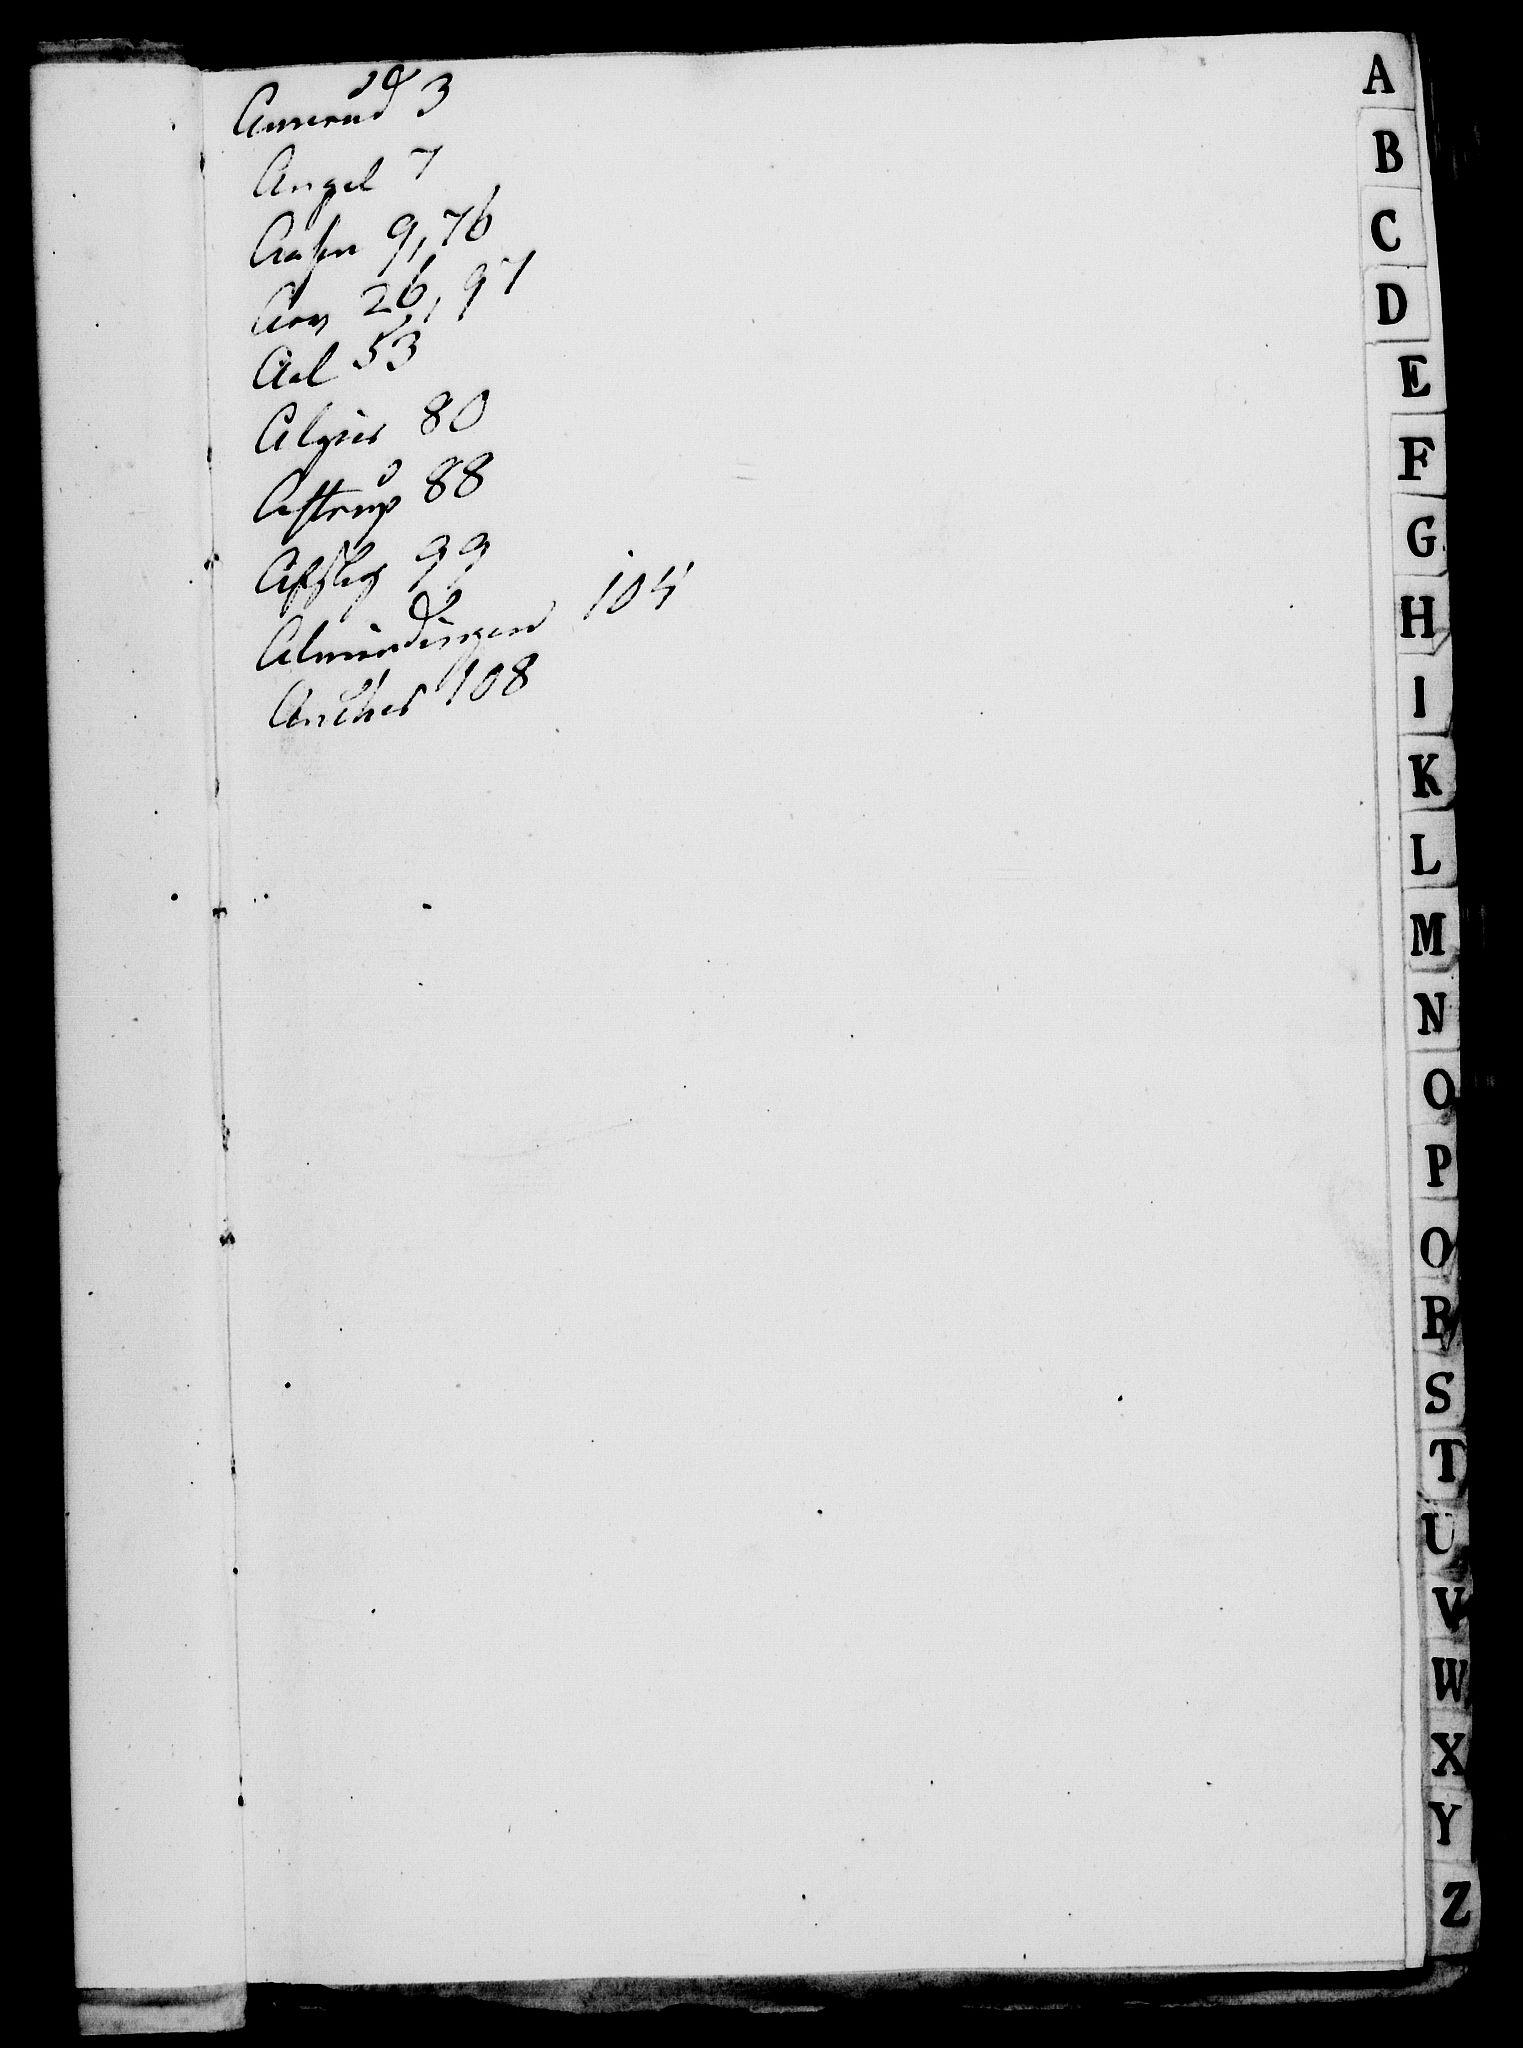 RA, Rentekammeret, Kammerkanselliet, G/Gf/Gfa/L0044: Norsk relasjons- og resolusjonsprotokoll (merket RK 52.44), 1762, s. 3